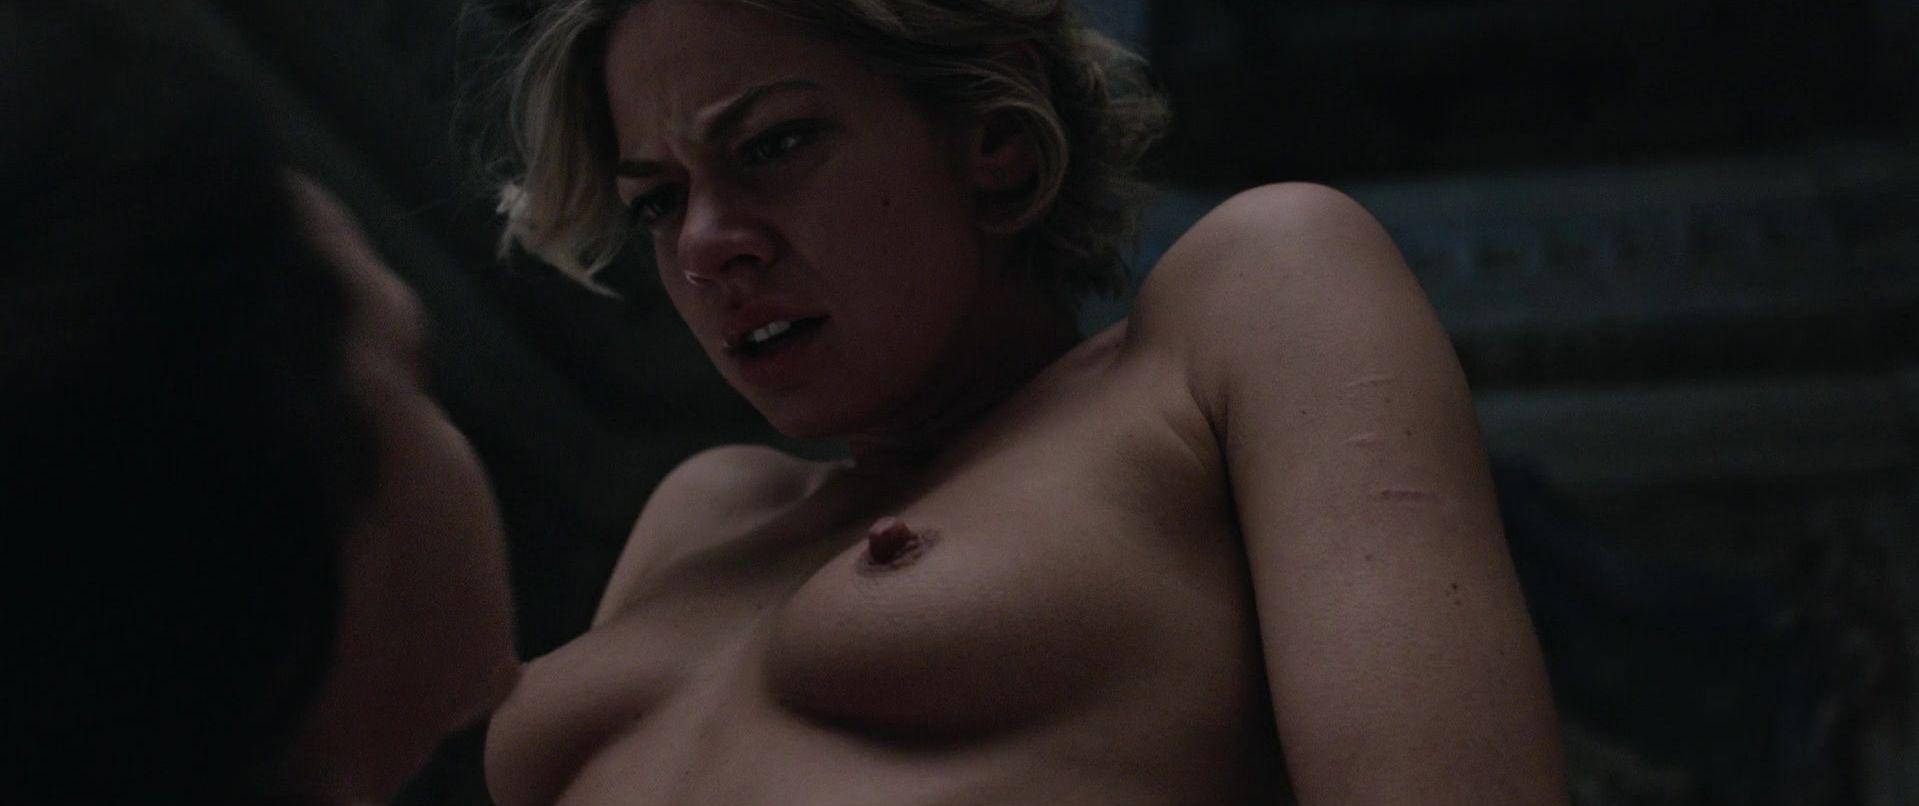 analiegh tipton nude pics